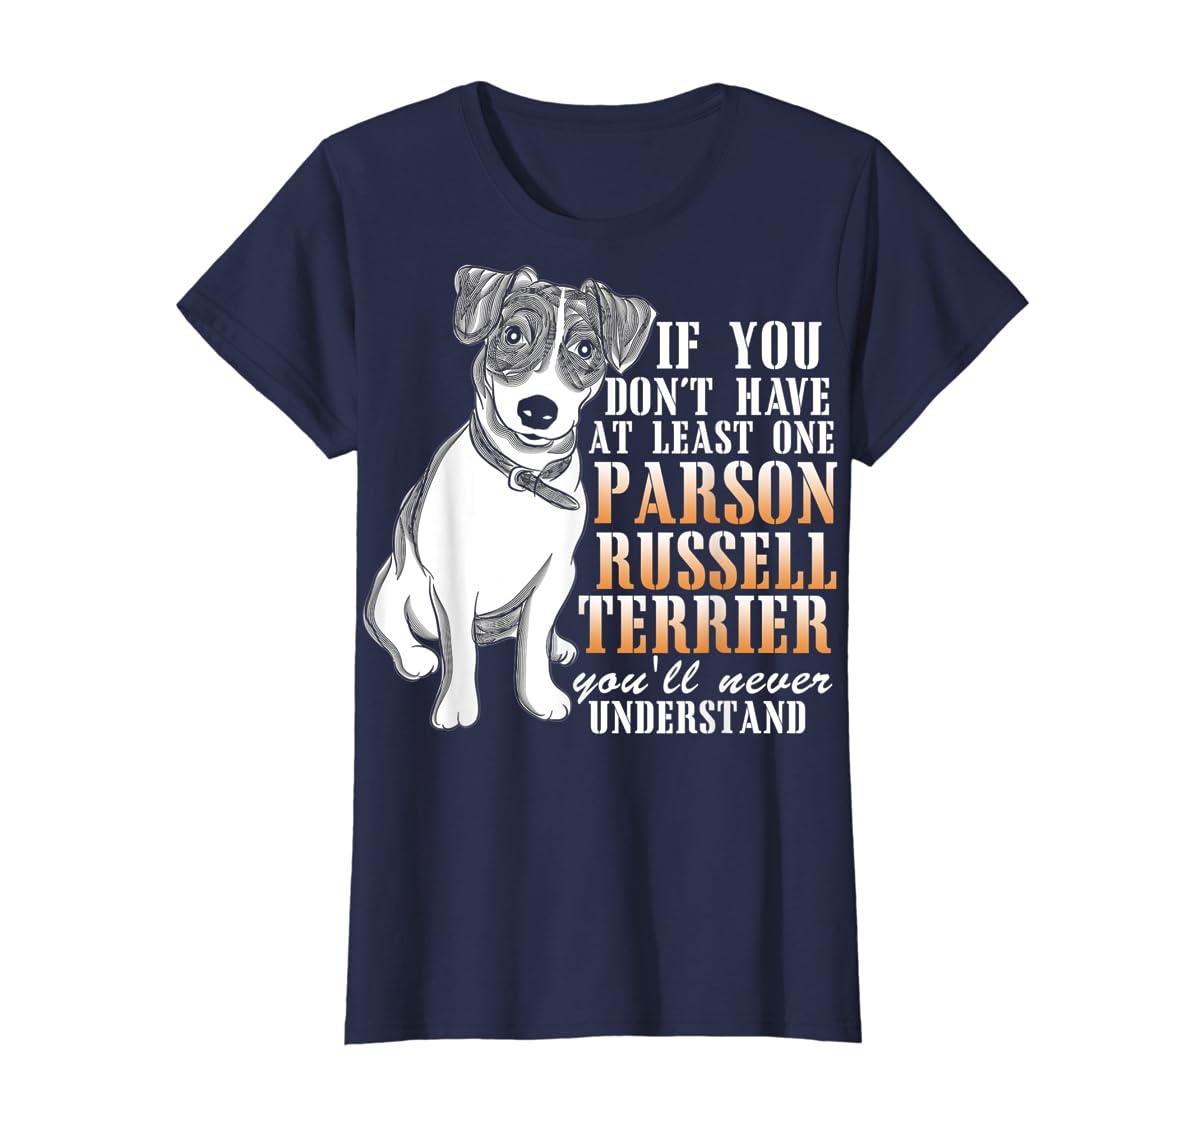 Parson Russell Terrier T Shirt, I Love My Dog T Shirt-Women's T-Shirt-Navy